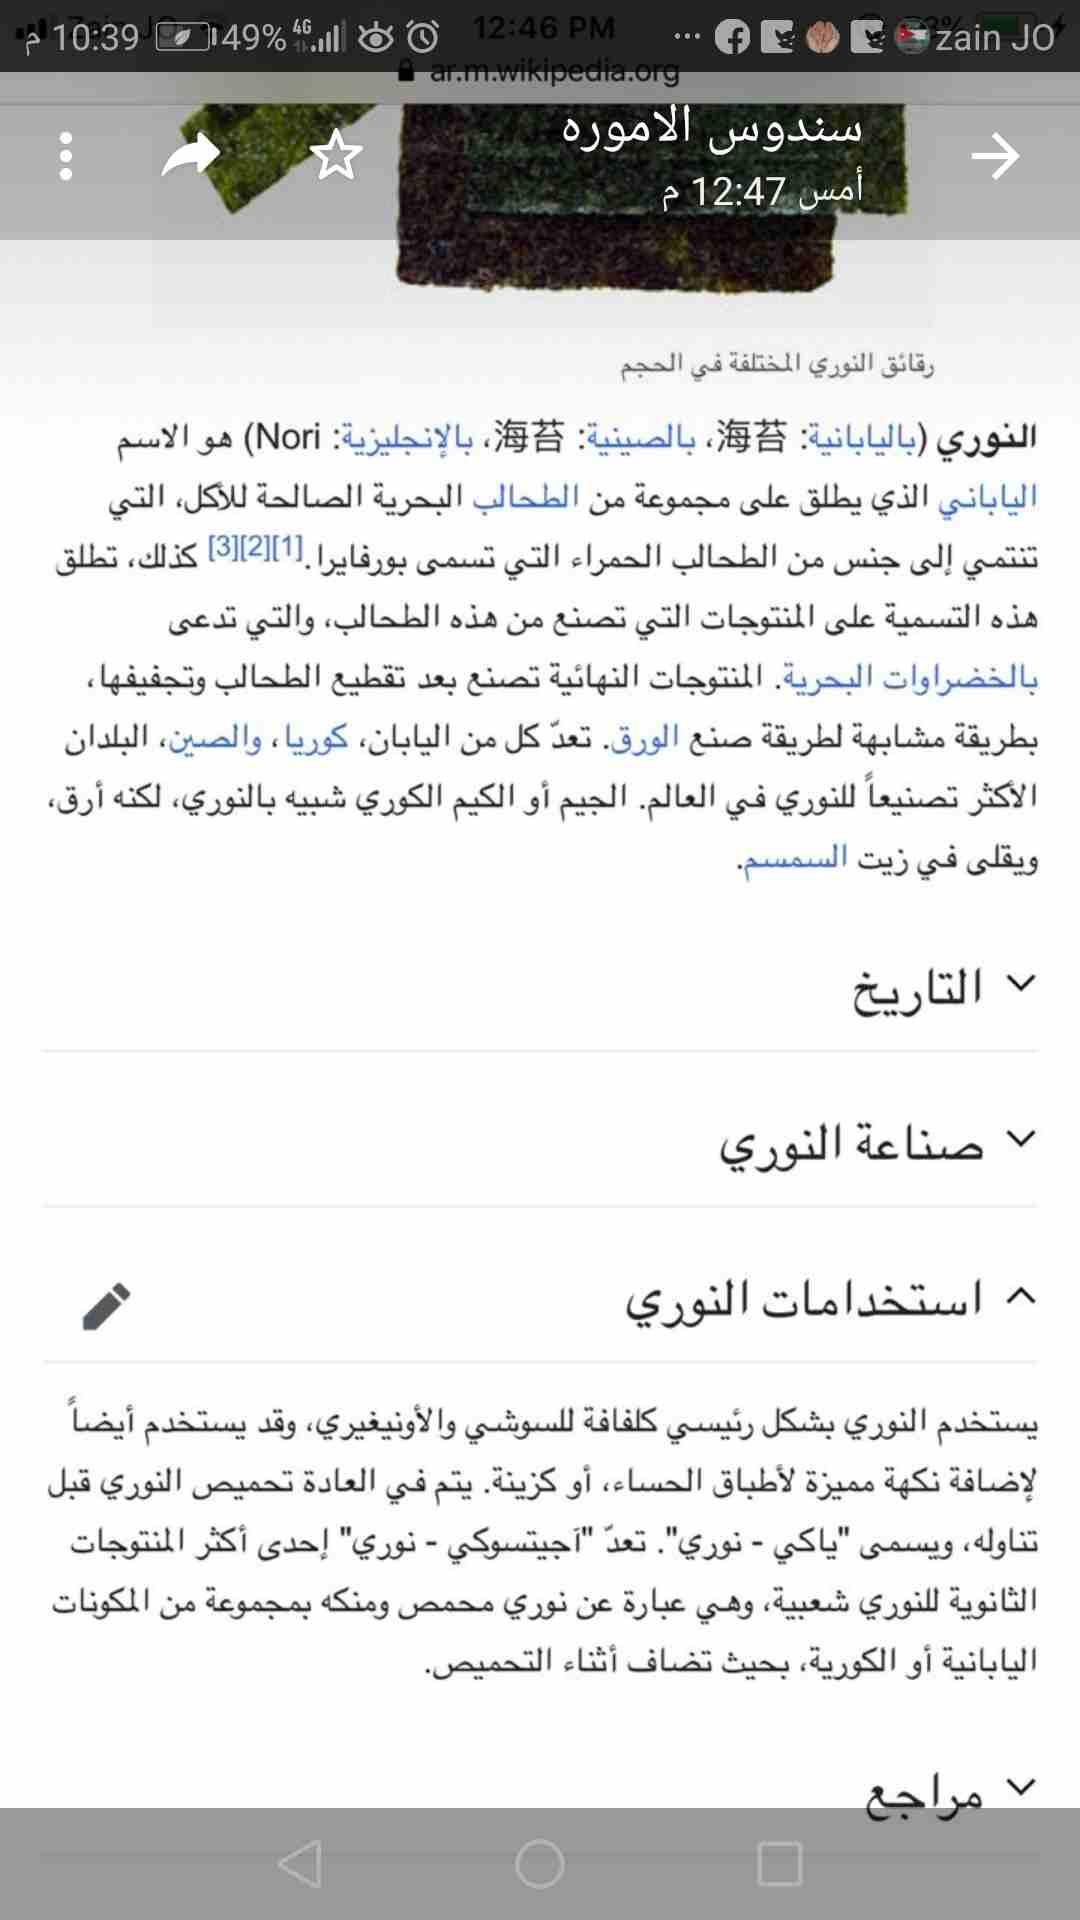 عمان شارع الجامعه...